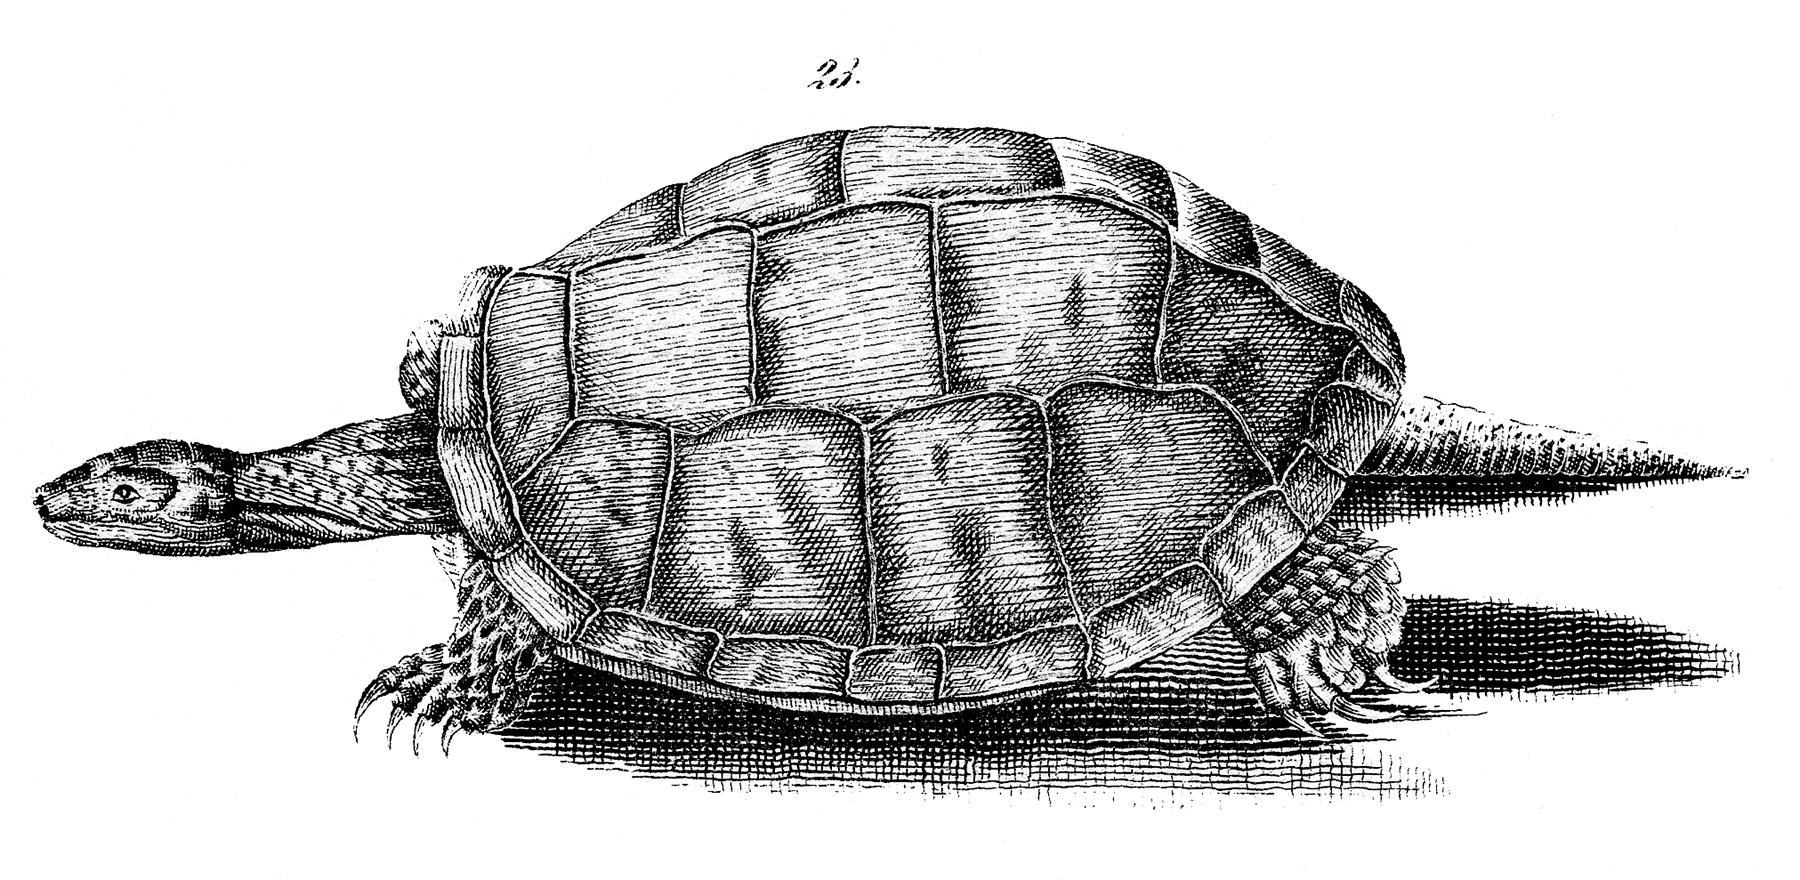 Черепаха - винтажный черно-белый рисунок